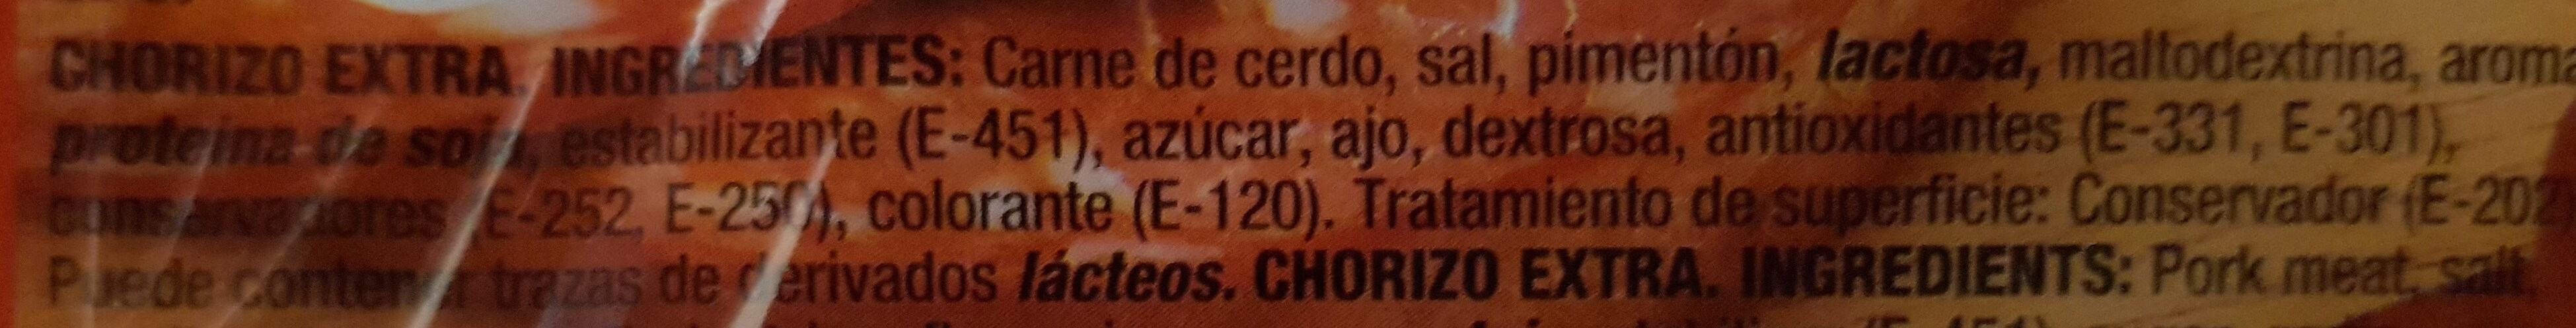 Chorizo tradición extra lonchas sin gluten - Ingredients - es